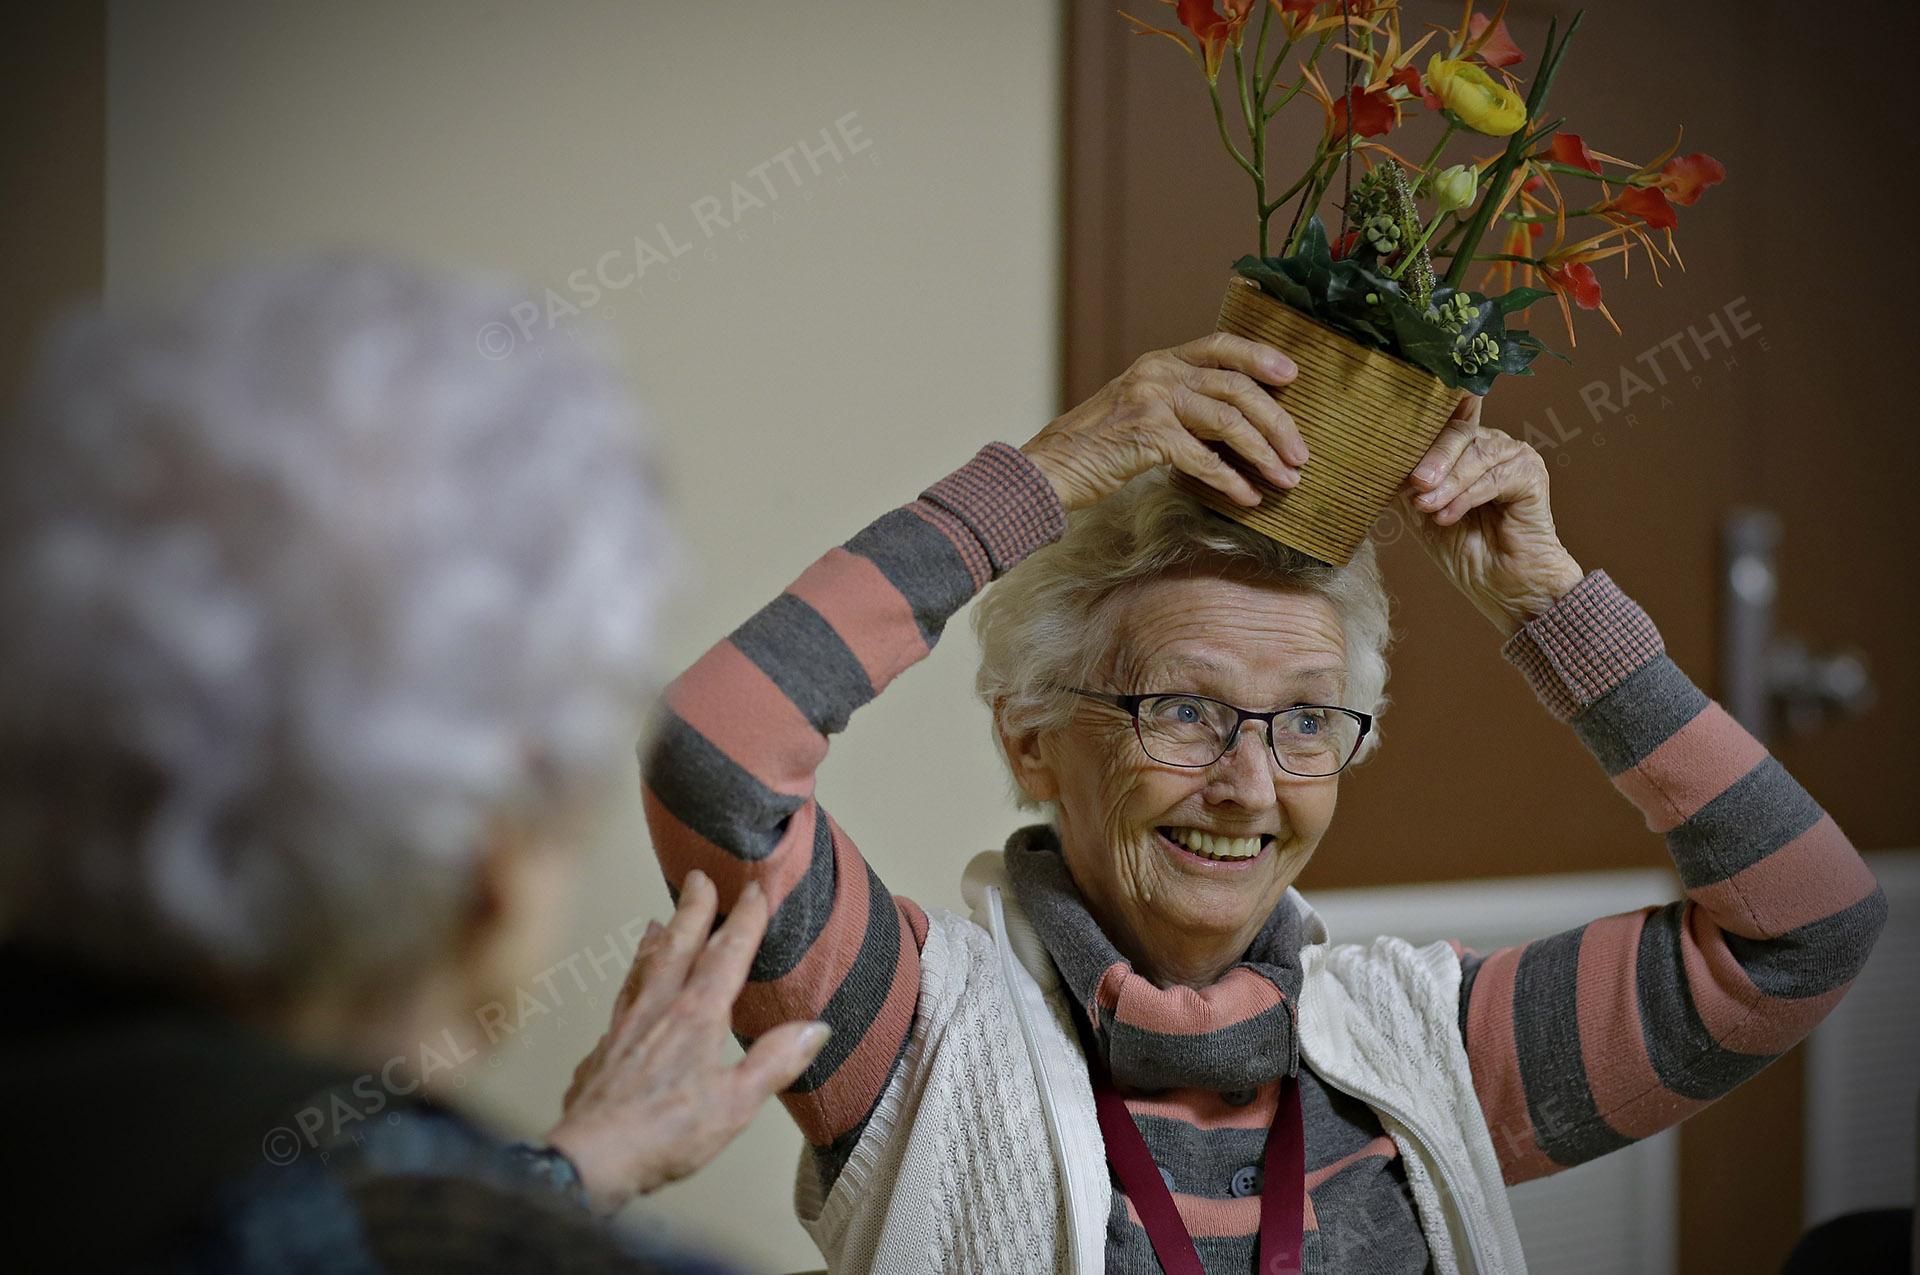 une dame du 3e âge avec un sourire éclantant et un pot de fleur sur la tête